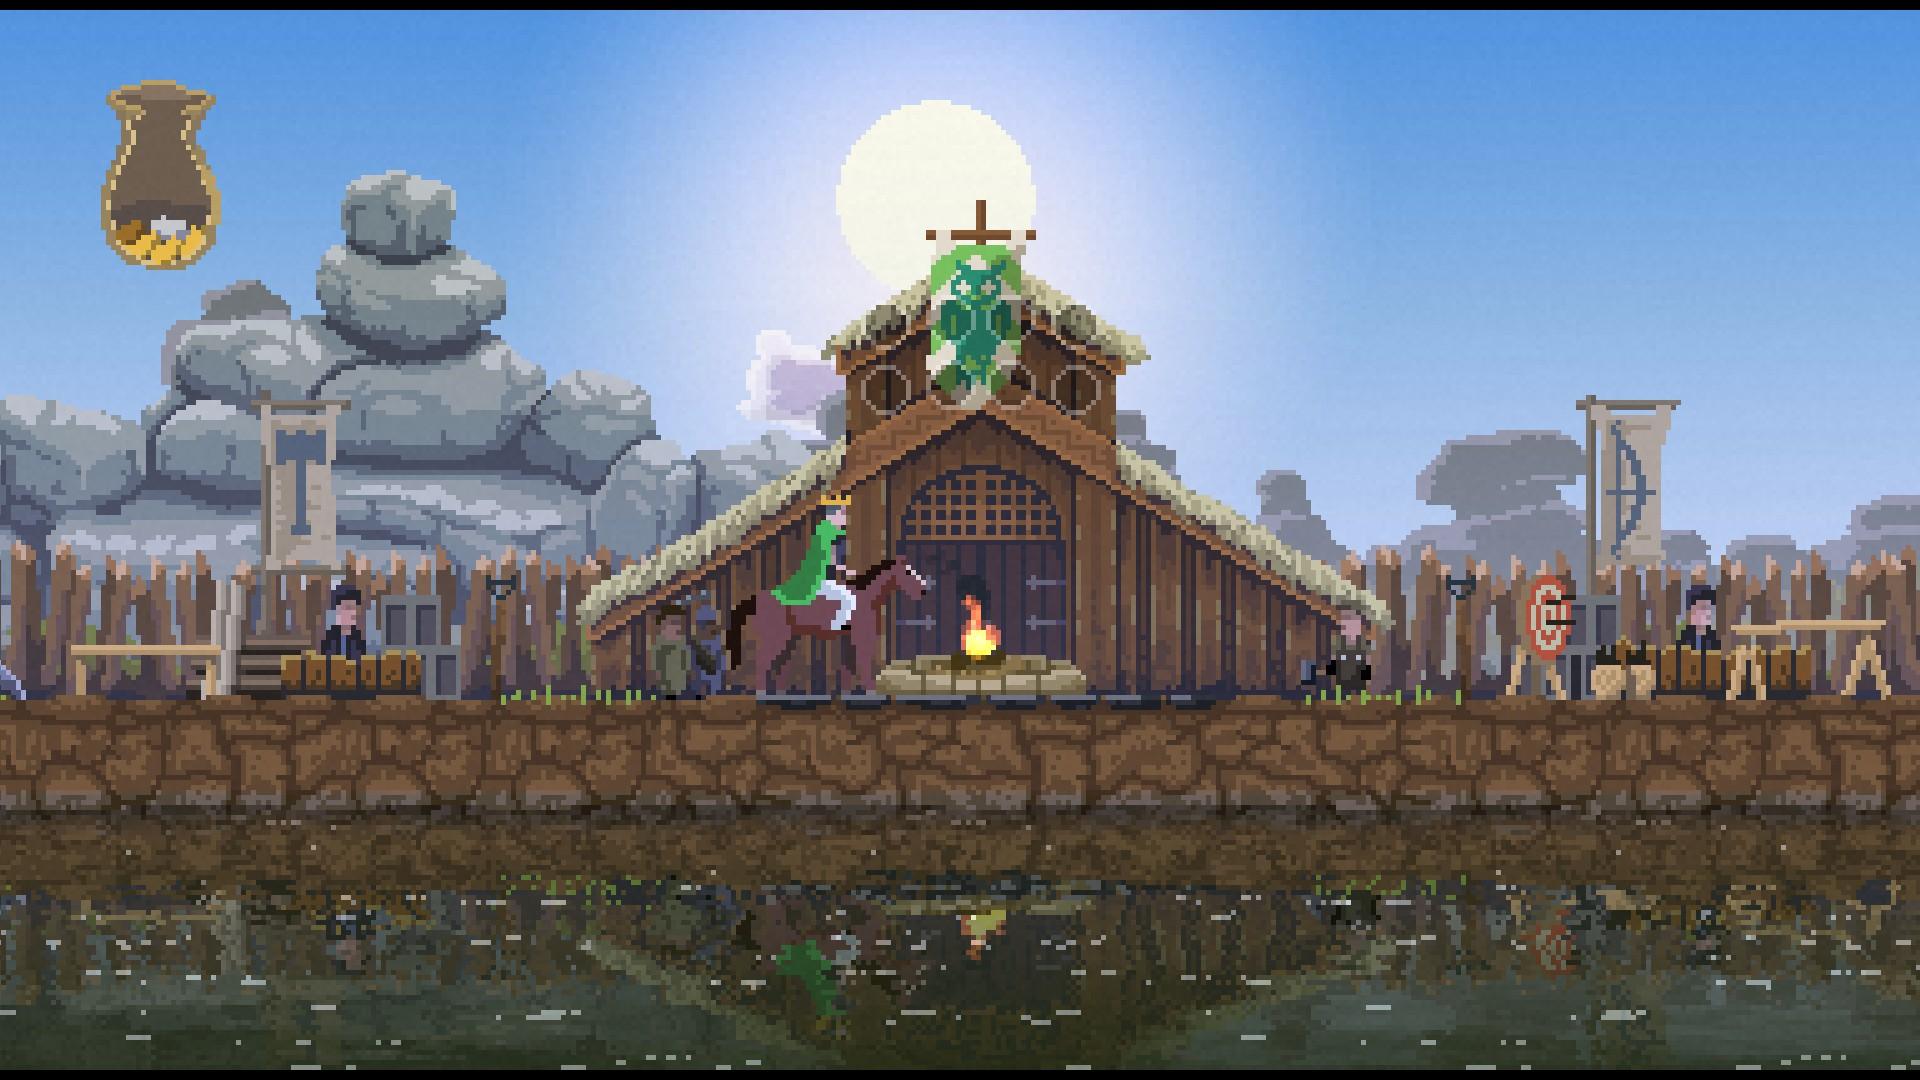 Kingdom - Ein Herrenhaus